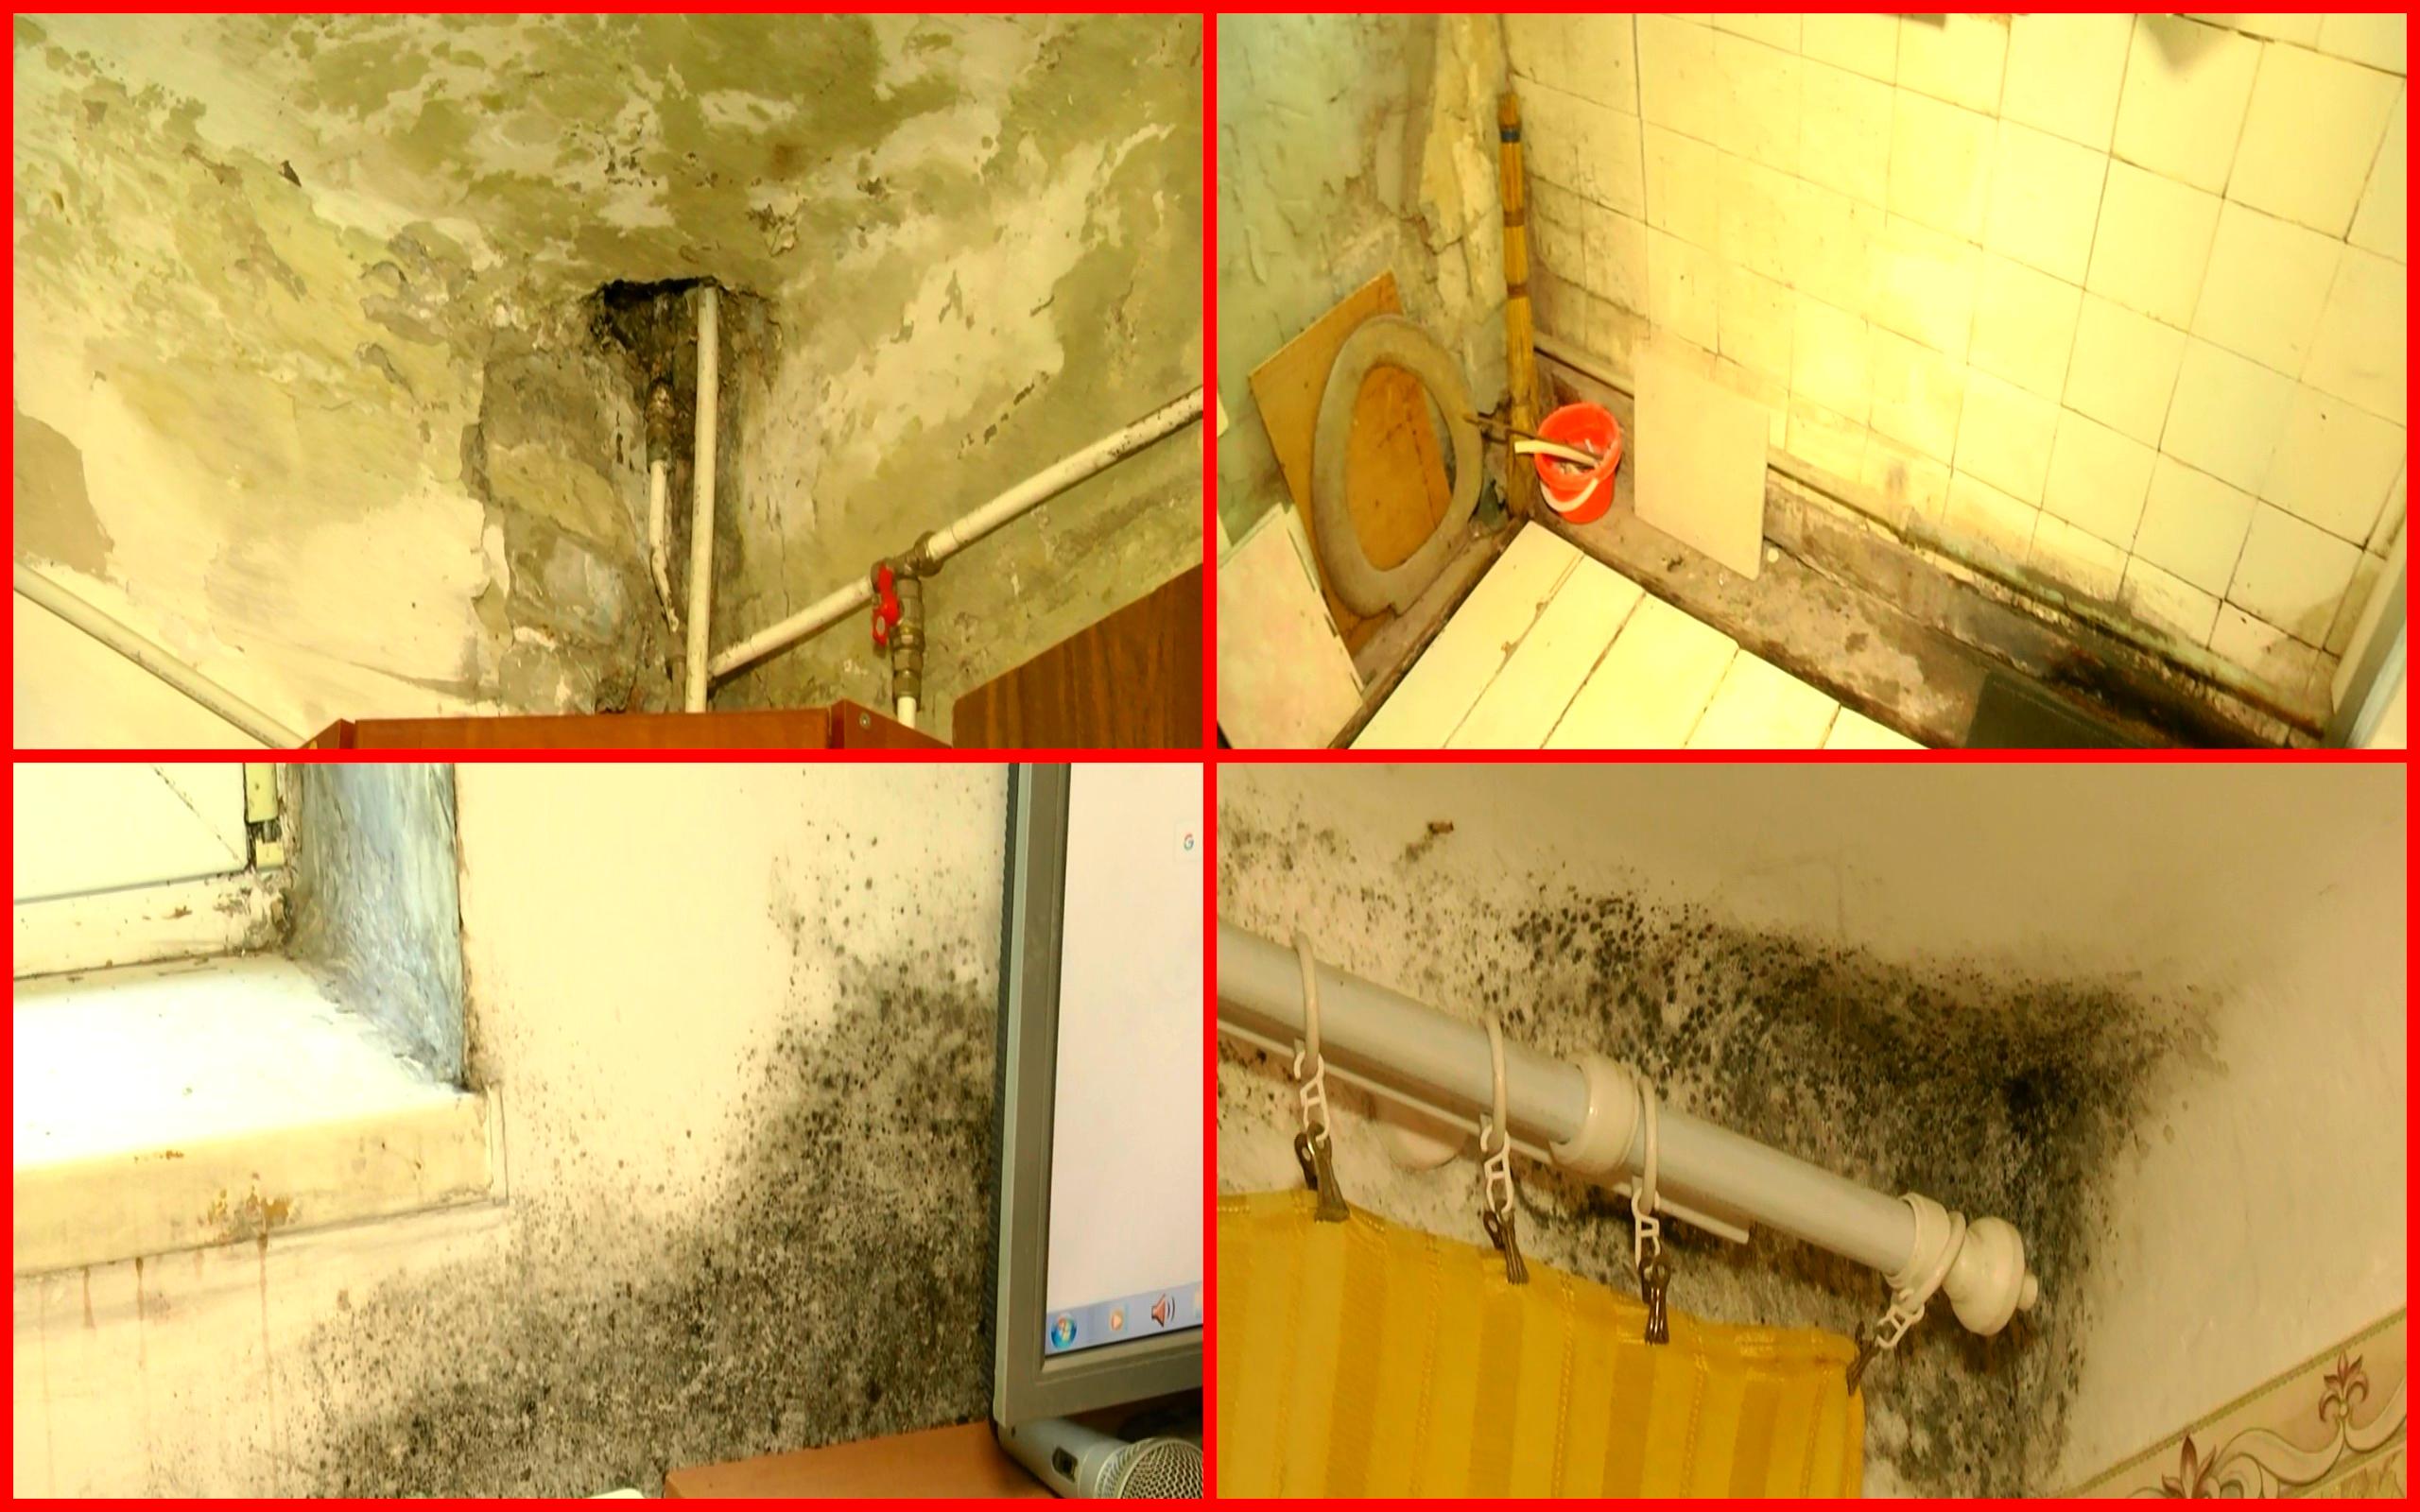 В Харькове рассыпается общежитие для незрячих - ад для 70 человек, ставших заложниками ситуации